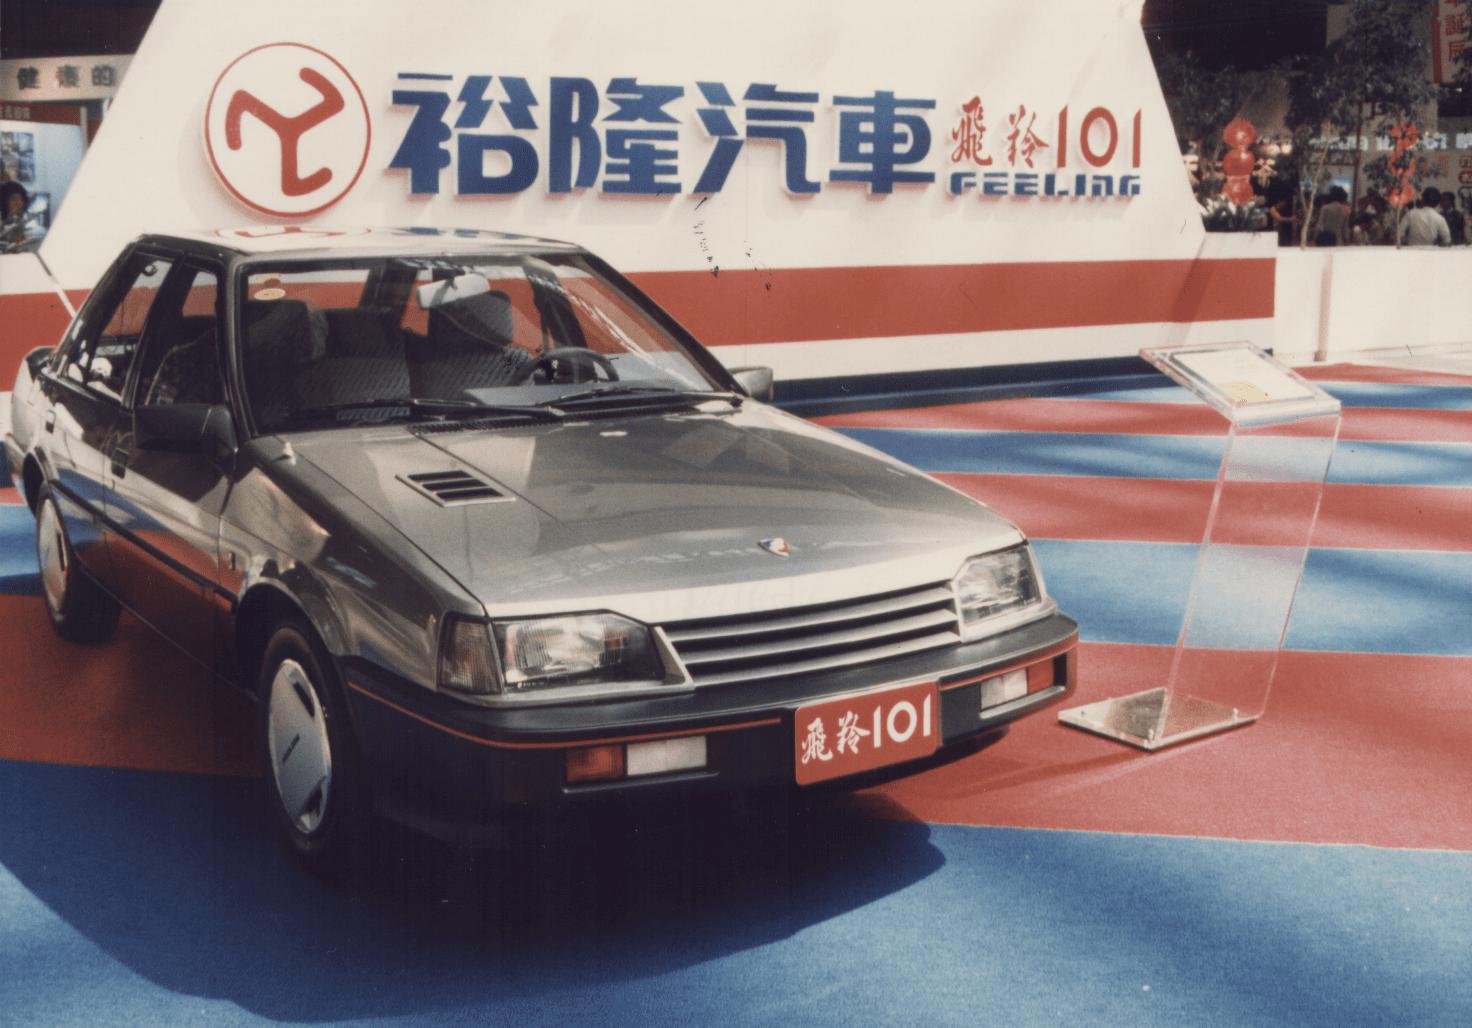 30 年前的飛羚 101 上市記者會(圖片來源:裕隆汽車)